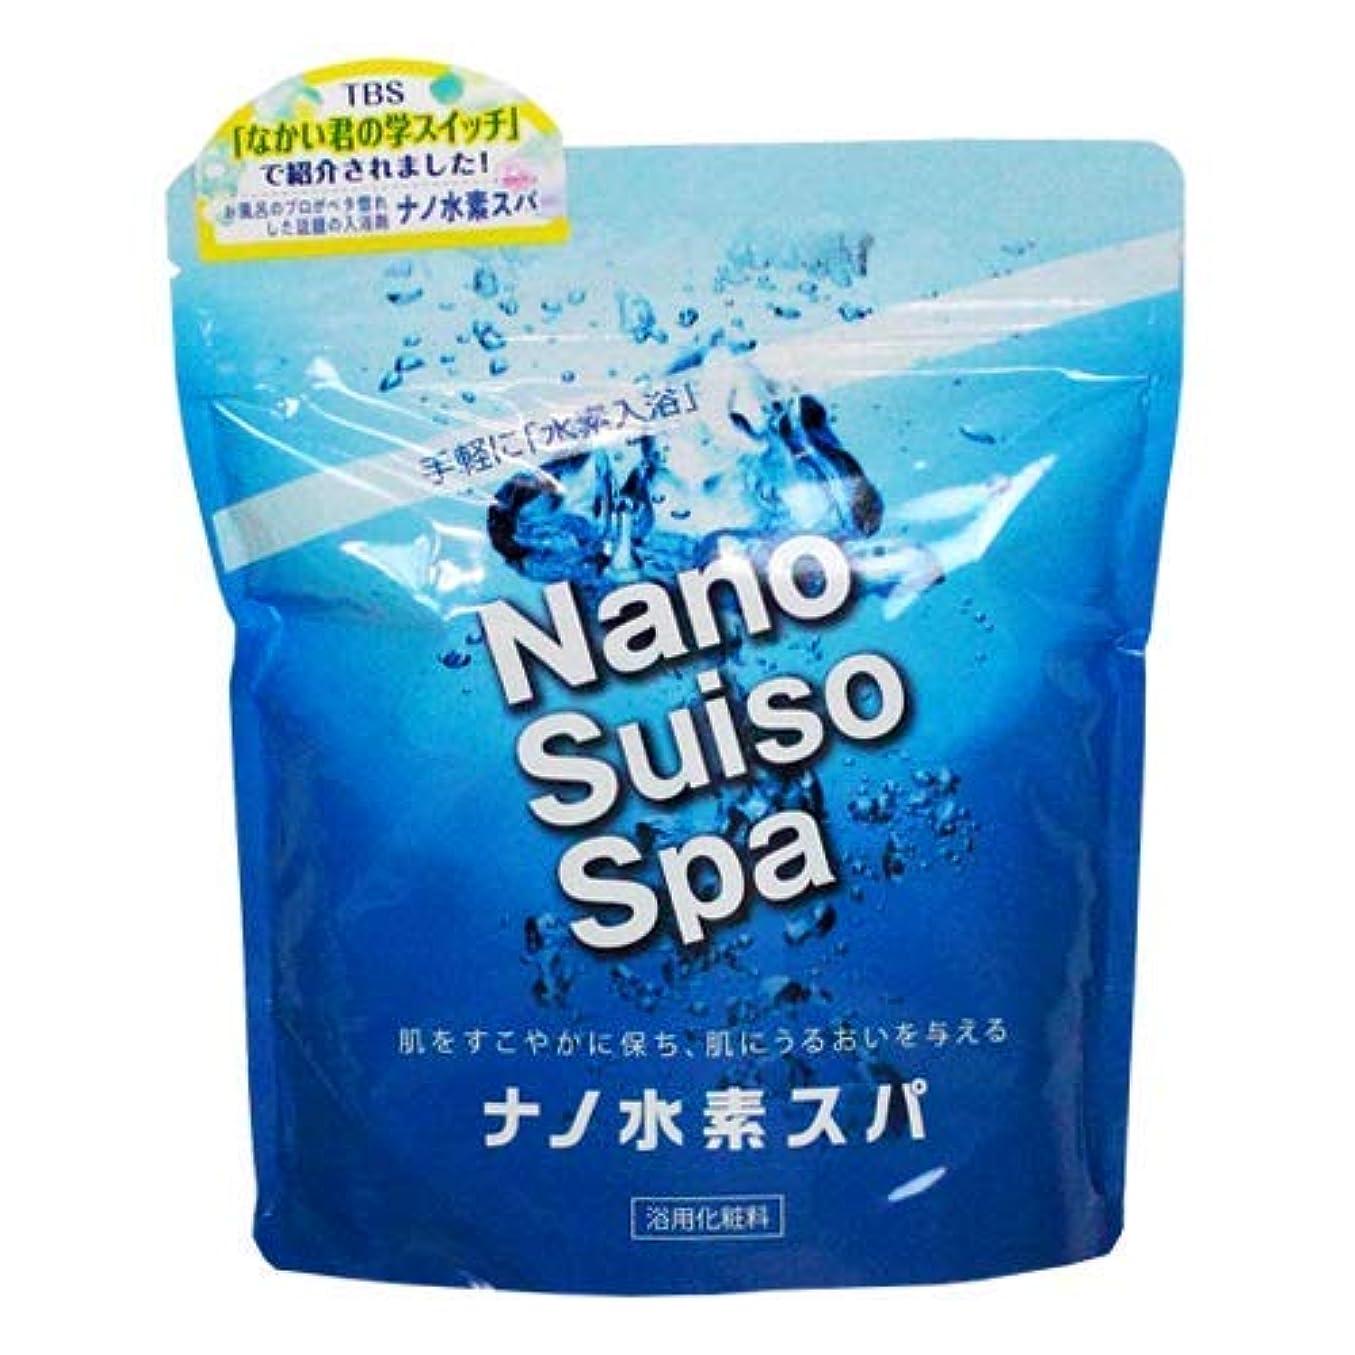 くつろぐ運命的なガイダンスナノ水素スパ1000g 高濃度水素発生入浴用